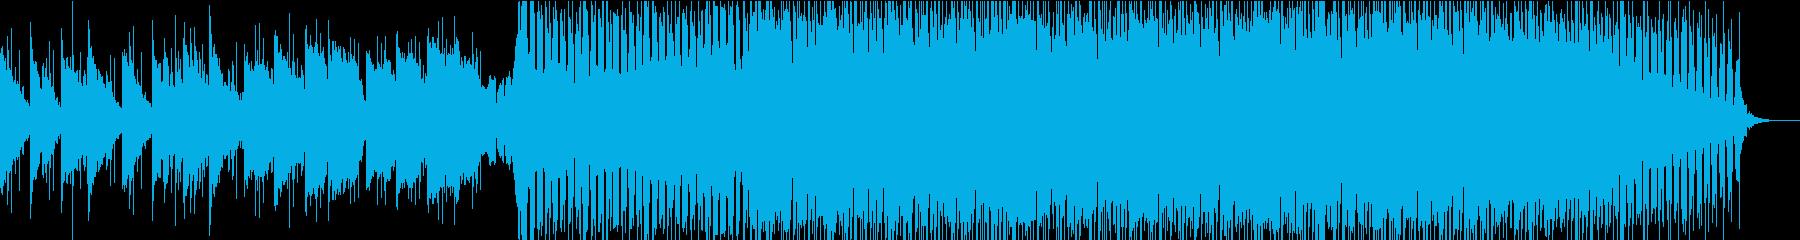 ハウス ダンス プログレッシブ ロ...の再生済みの波形